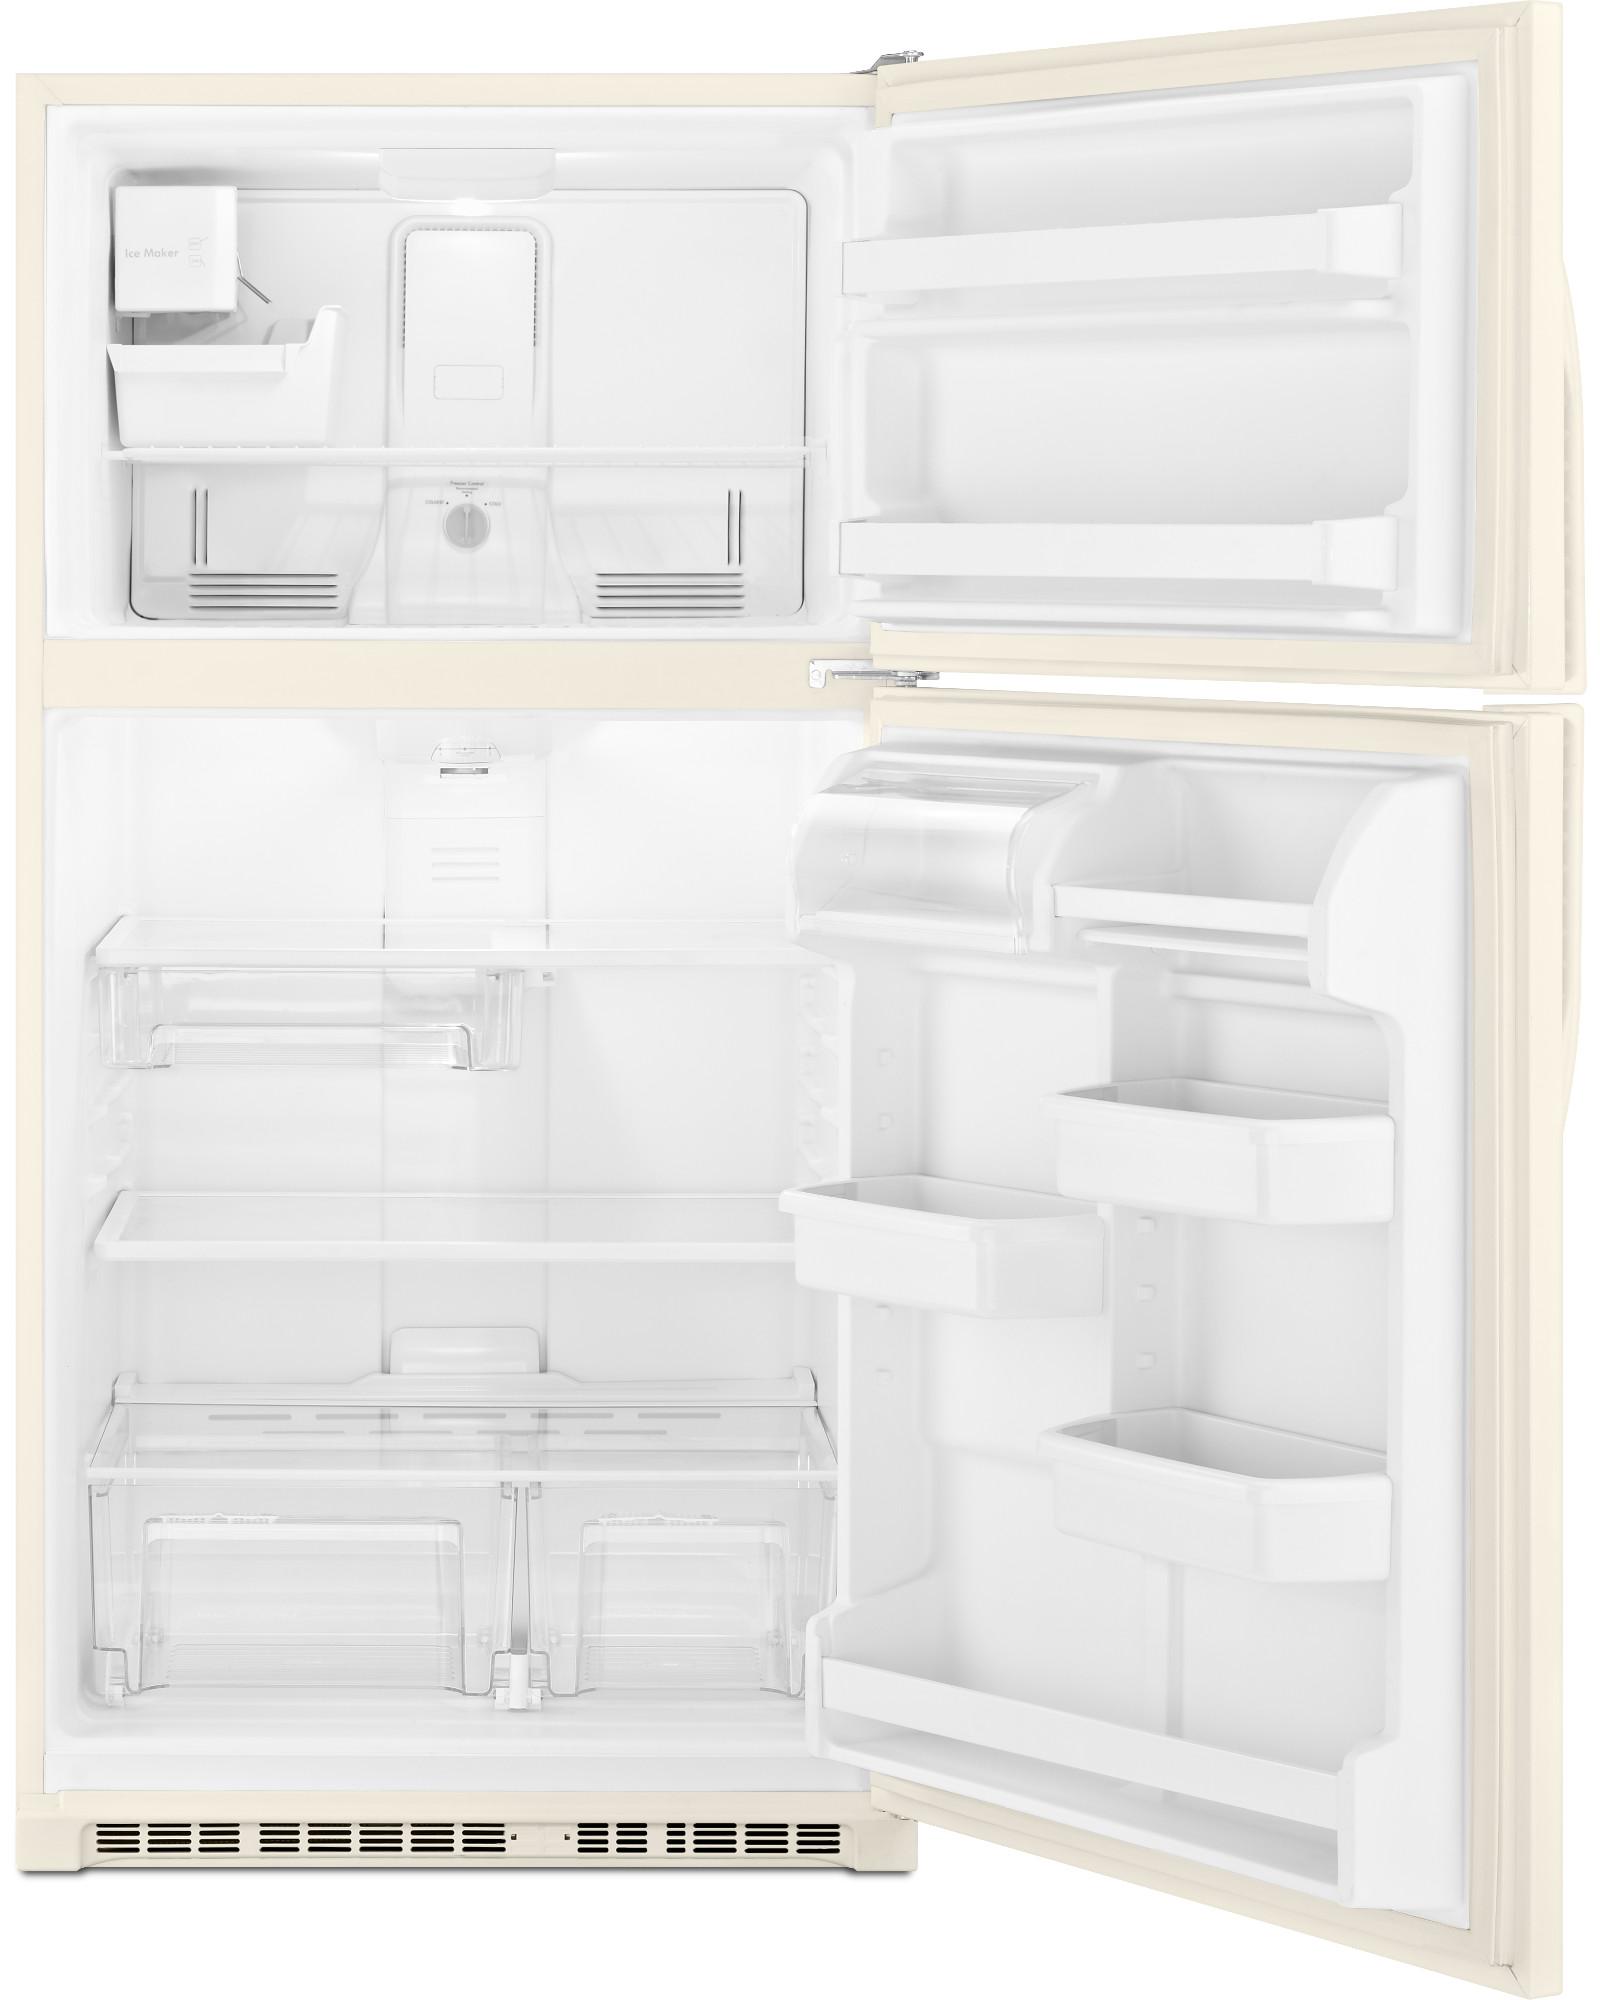 """Kenmore 20.5 cu. ft. 33"""" Top Freezer Refrigerator w/ Ice Maker - Biscuit"""